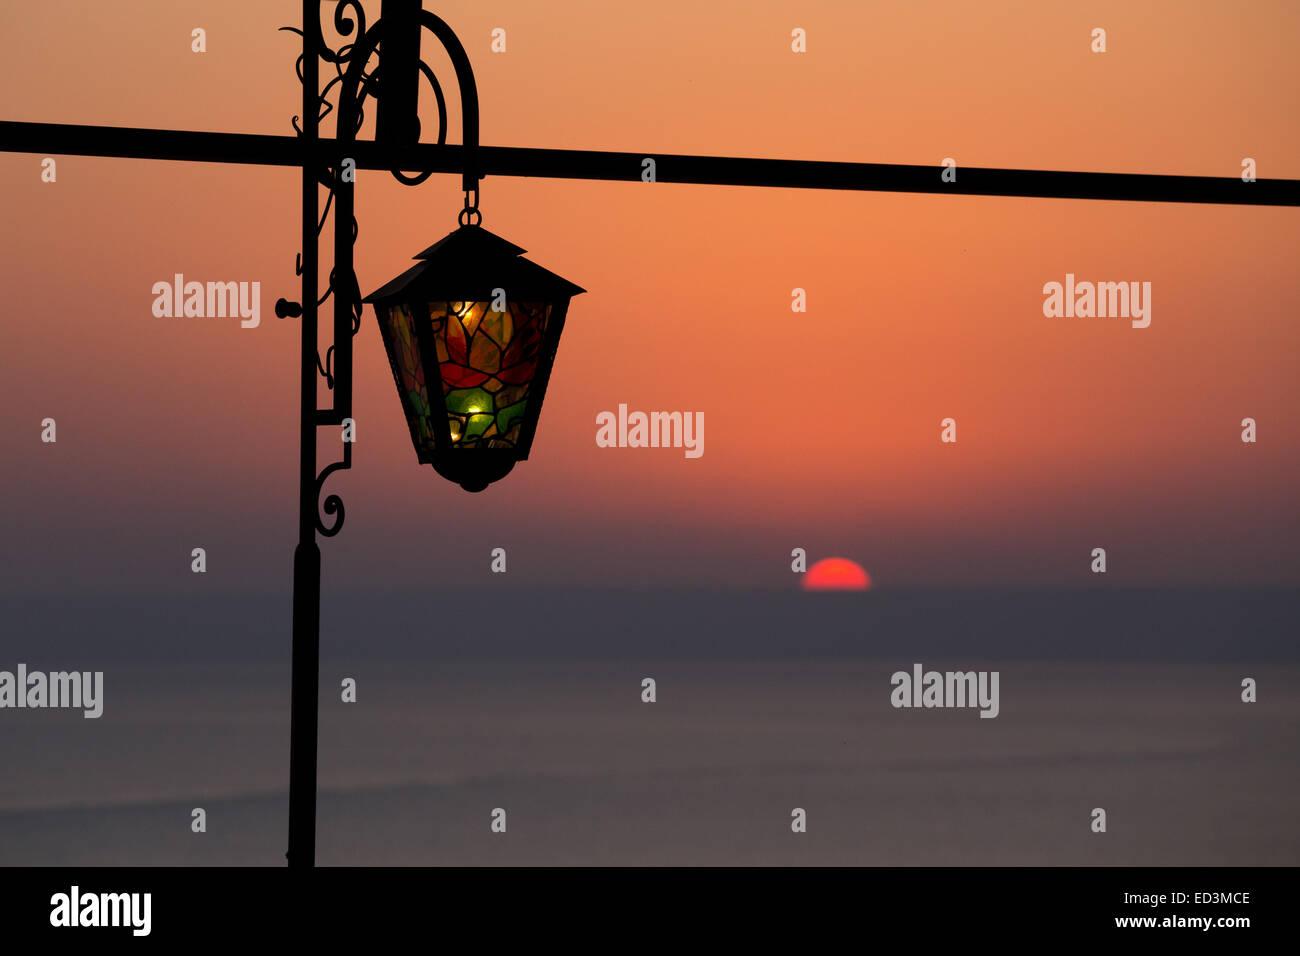 Nostalgic Reminiscence with stained glass lantern at sunset at Kaliakra headland, Black Sea Coast - Stock Image